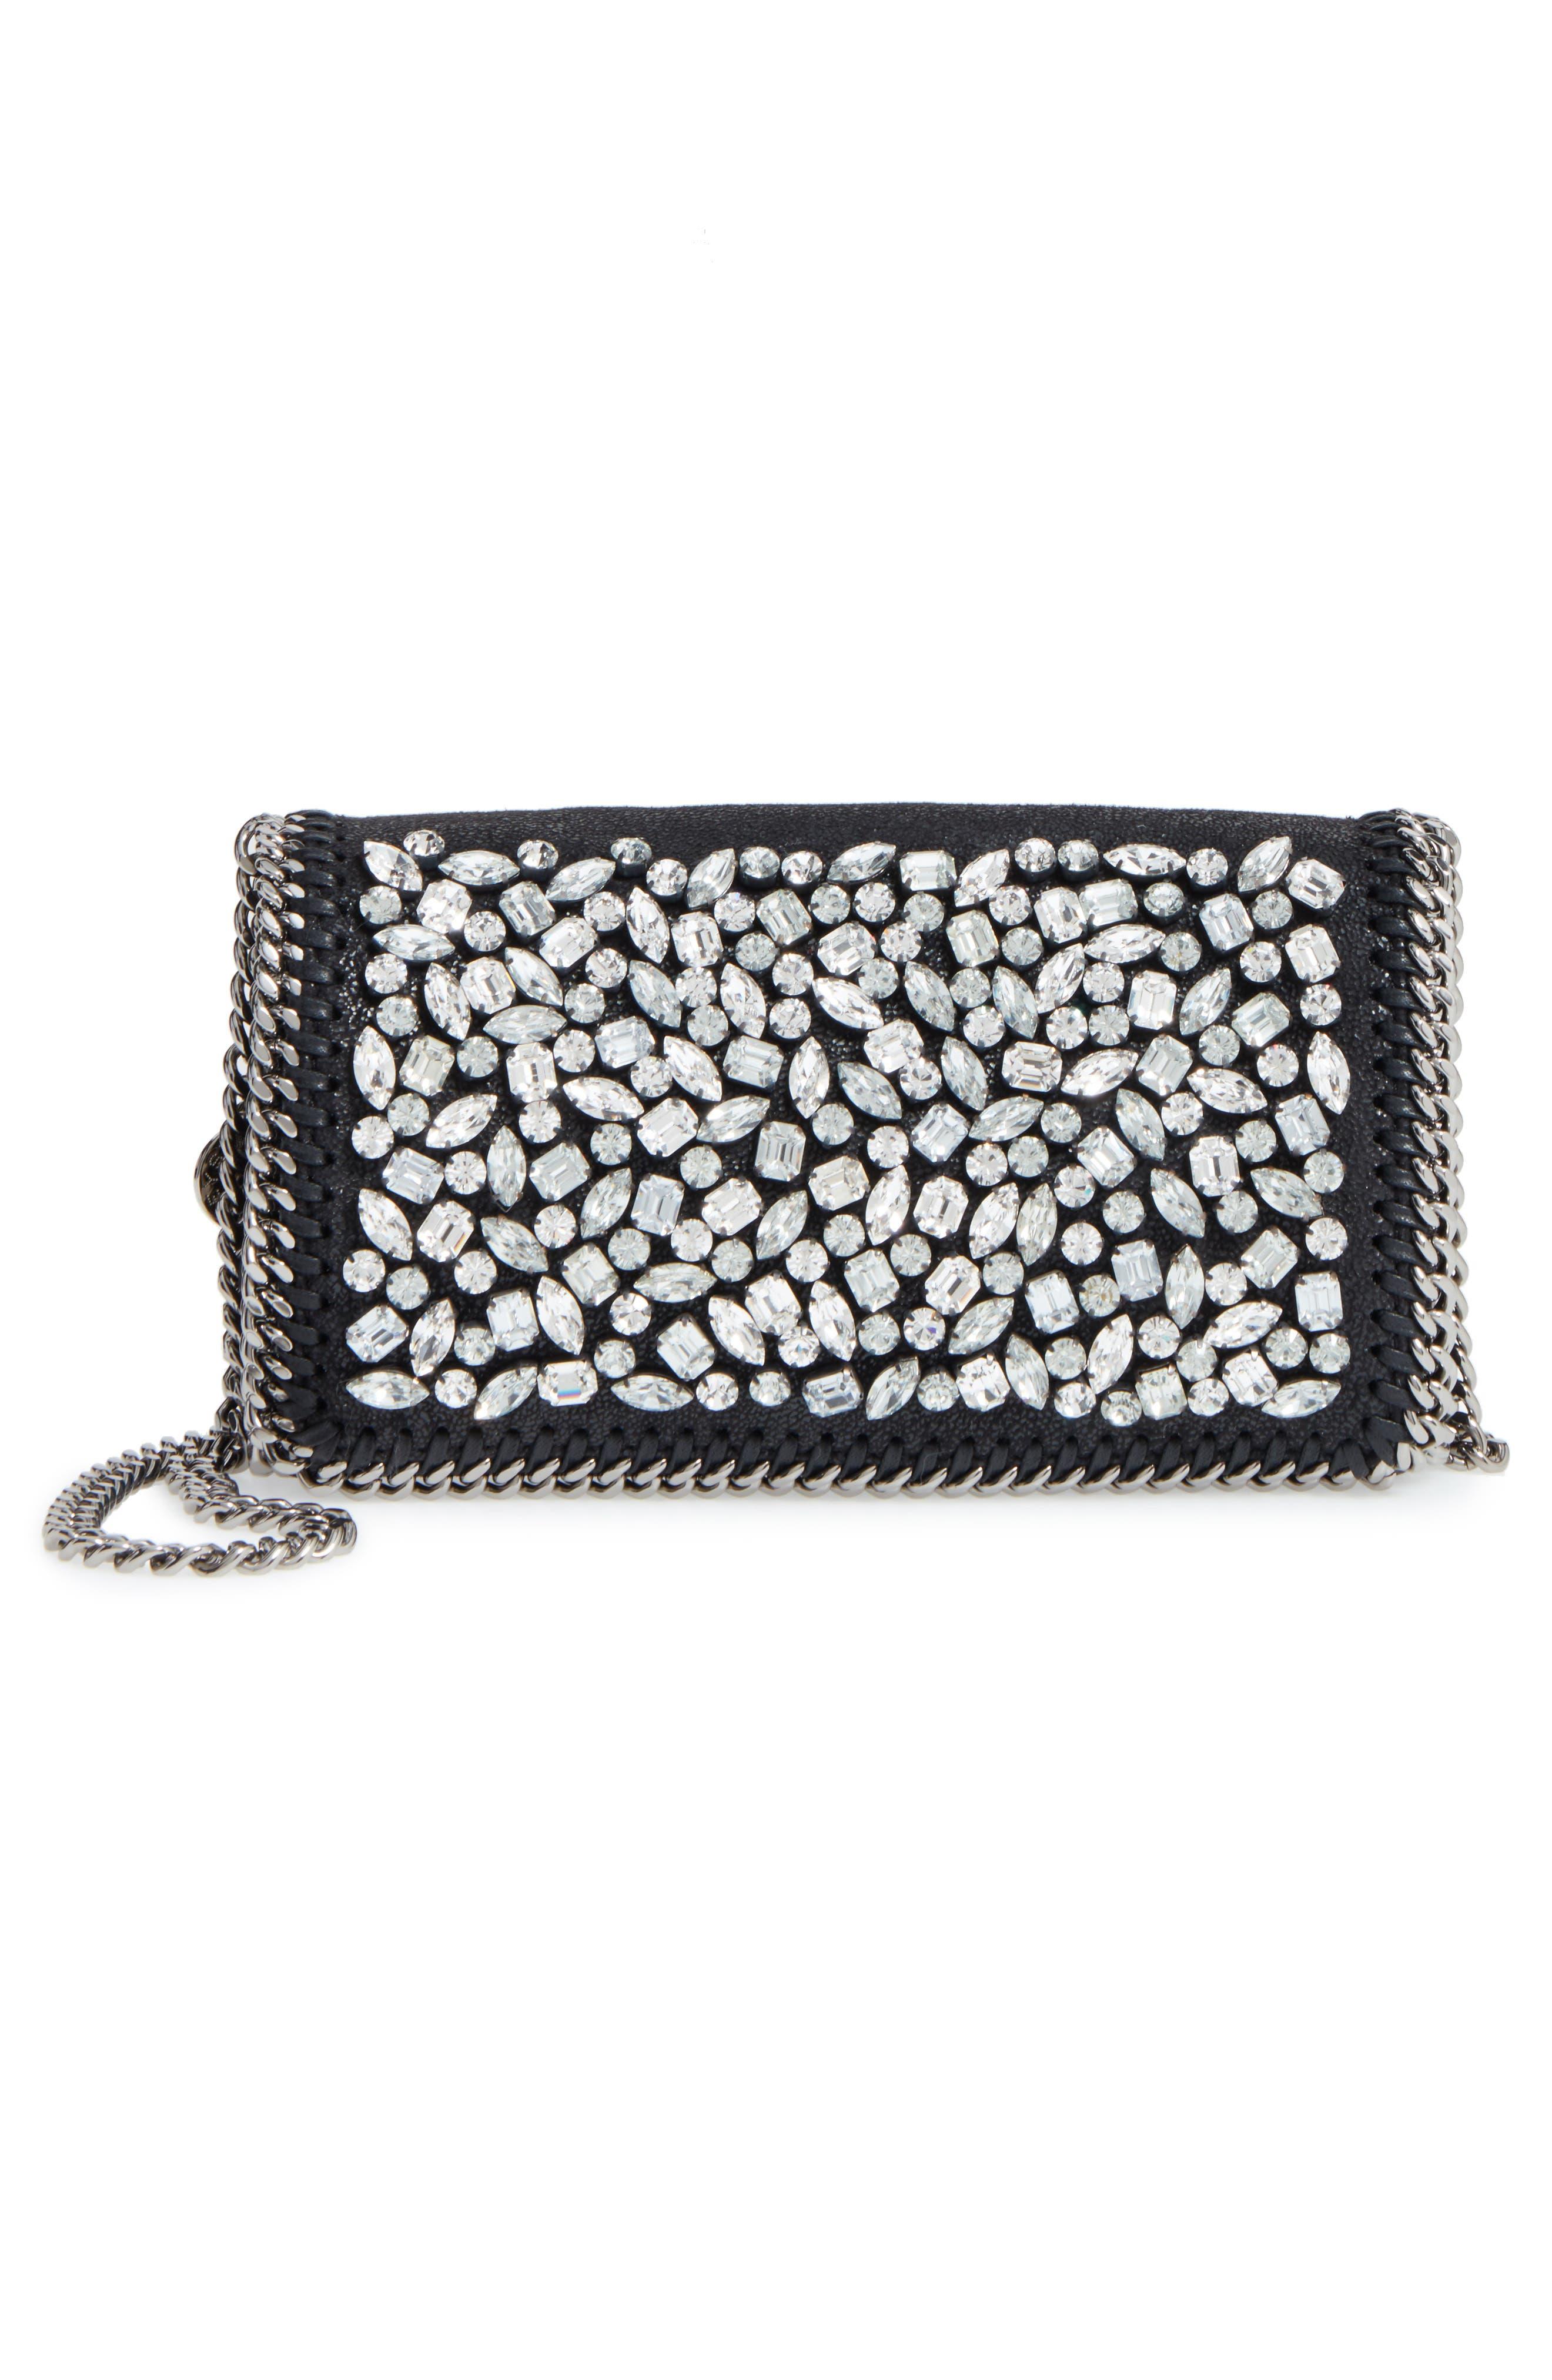 STELLA MCCARTNEY Small Fallabella Crystal Faux Leather Crossbody